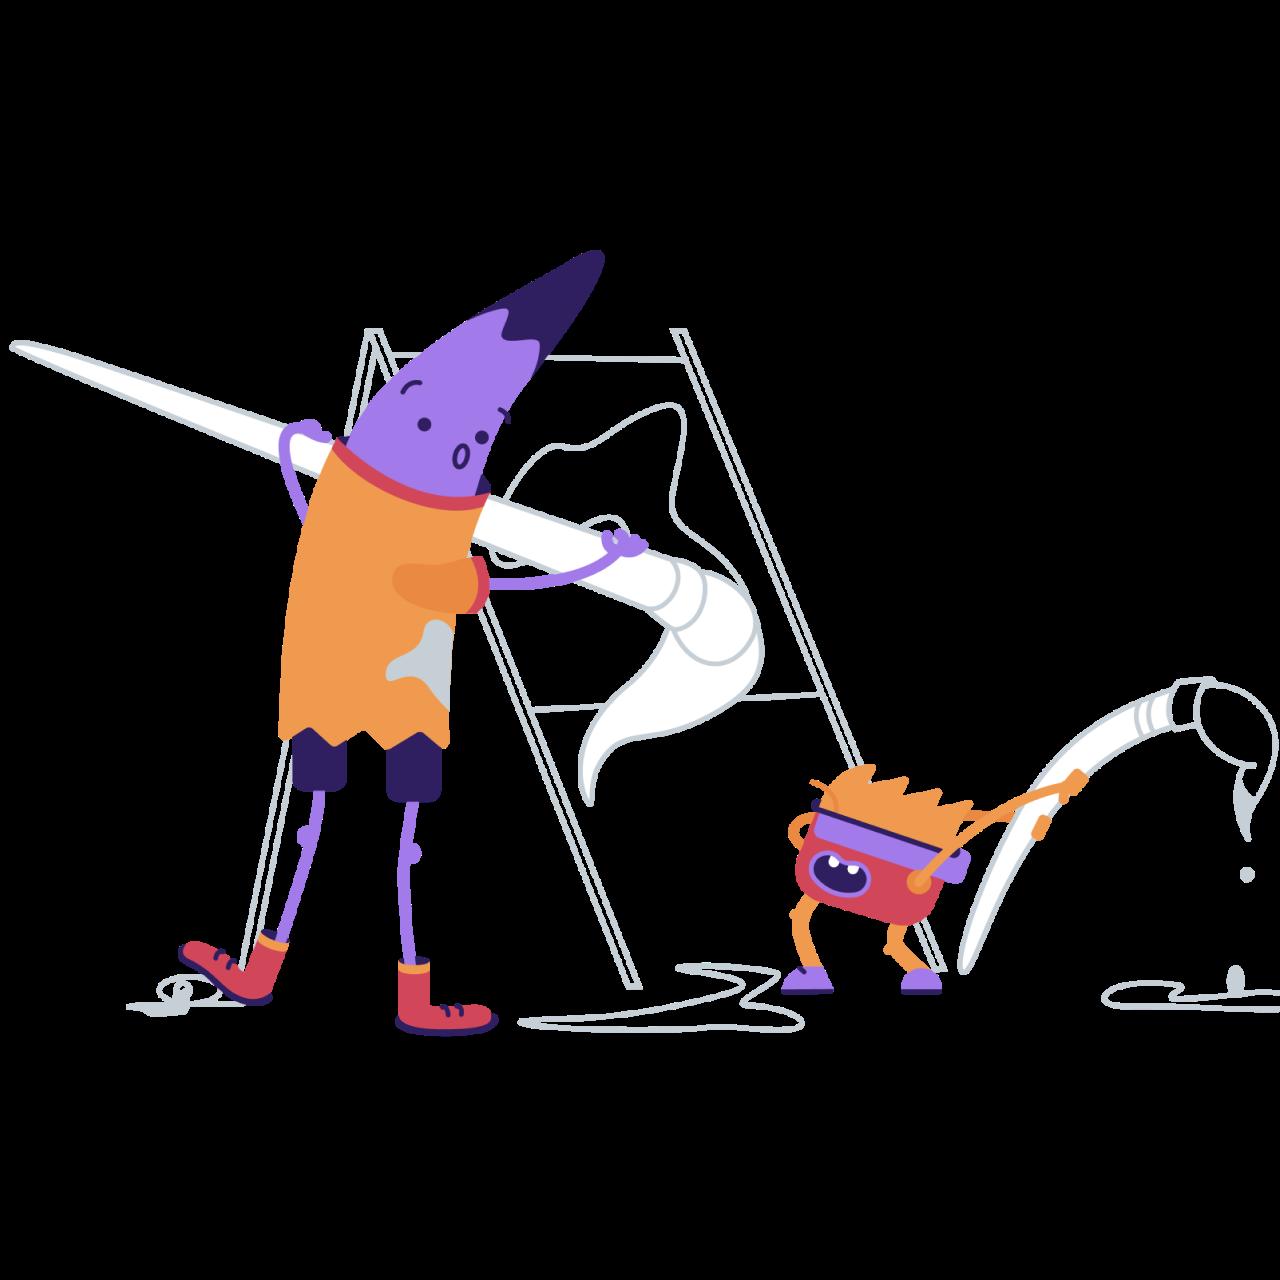 Обложка набора иллюстраций Pendum для онлайн образования, обучающих курсов